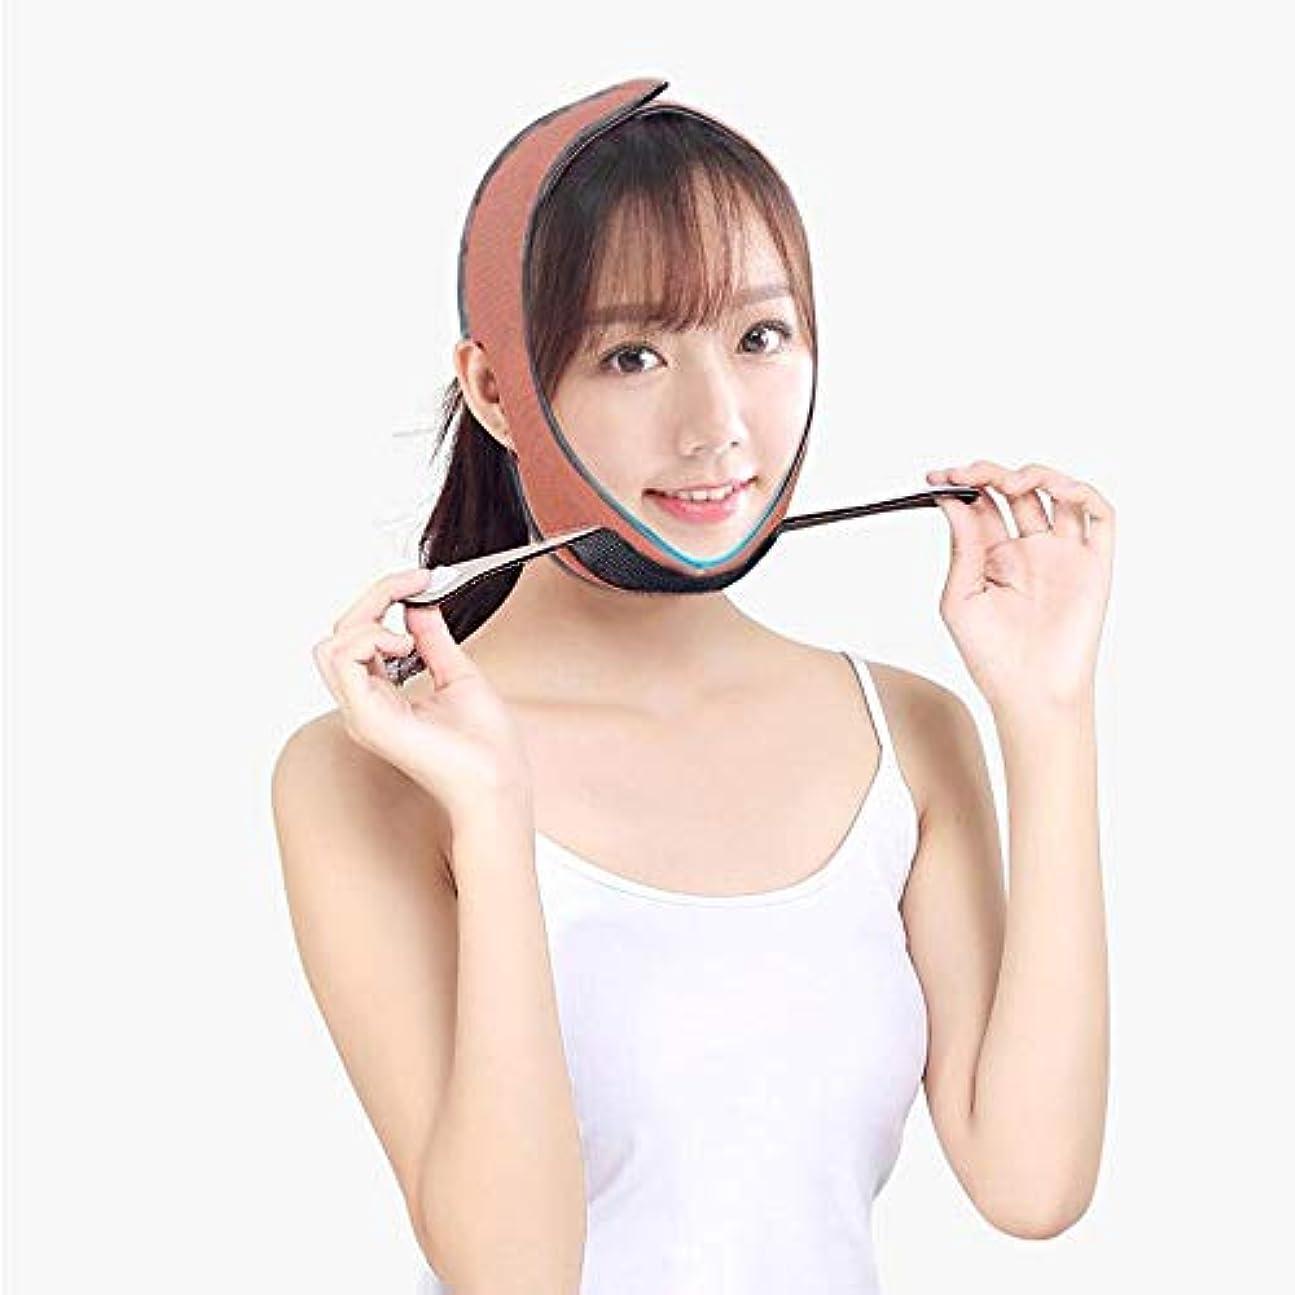 Minmin フェイシャルリフティングスリミングベルト - 薄いフェイス包帯Vフェイス包帯マスクフェイシャルマッサージャー無料整形マスク顔と首の顔を引き締めますスリム みんみんVラインフェイスマスク